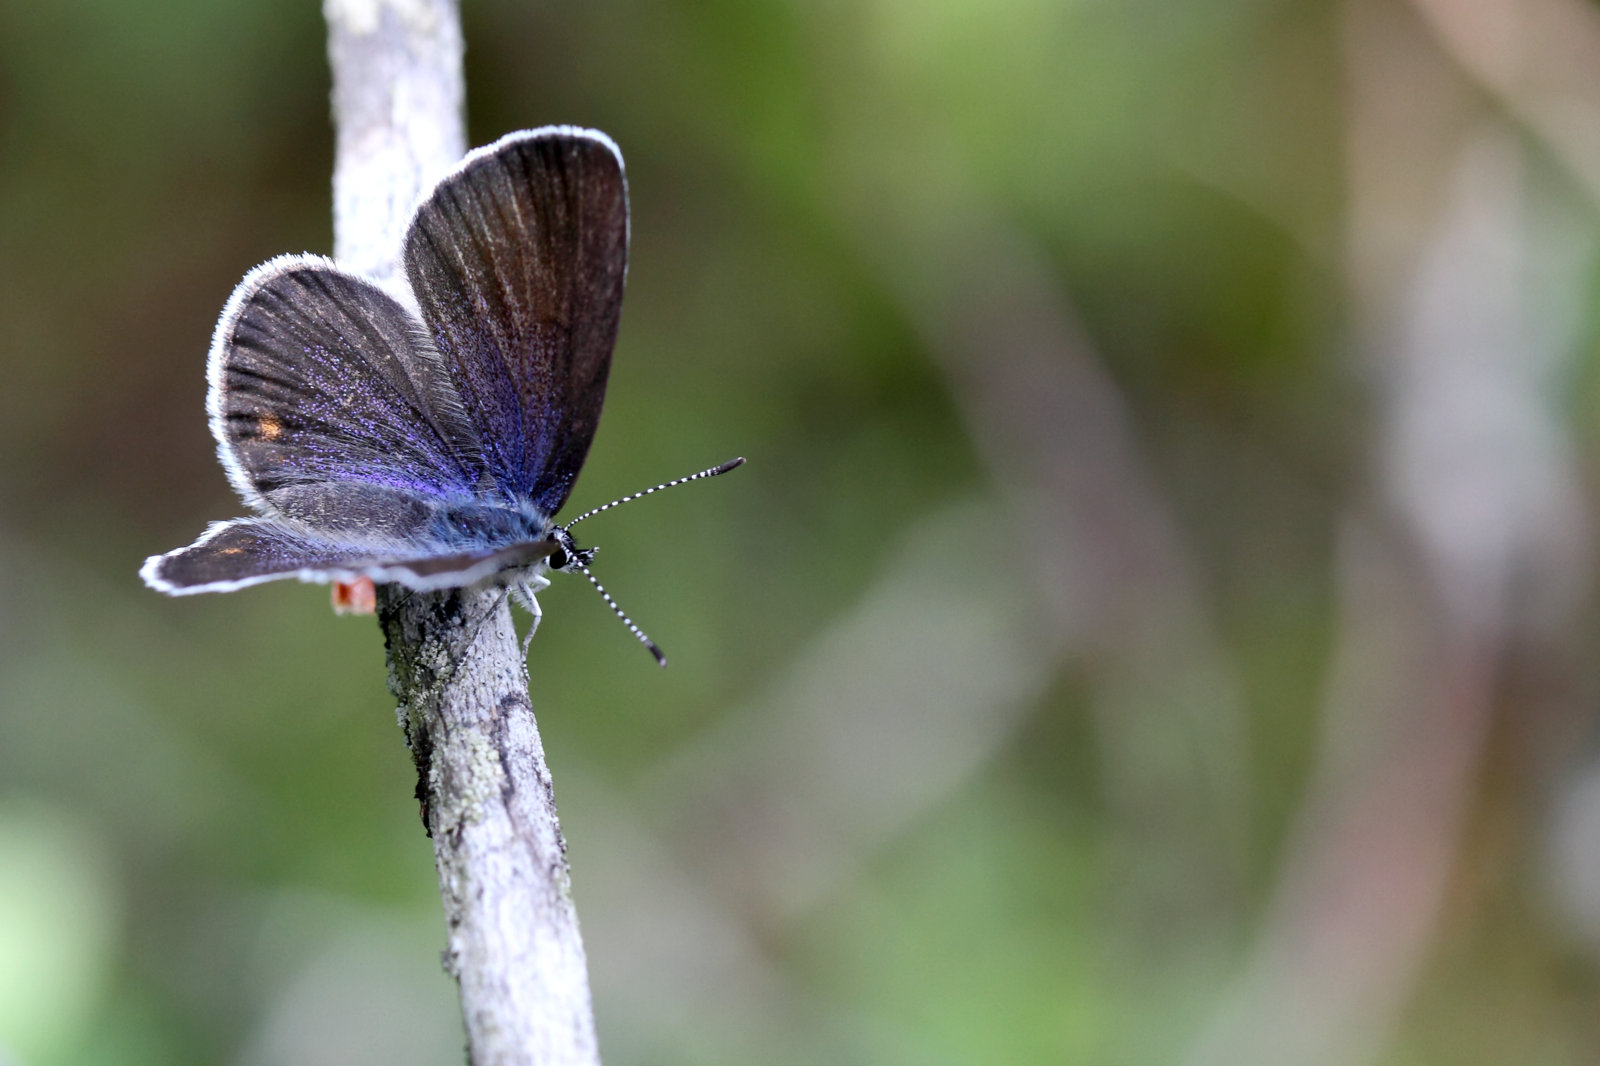 Bølleblåfugl. Agriades optilete